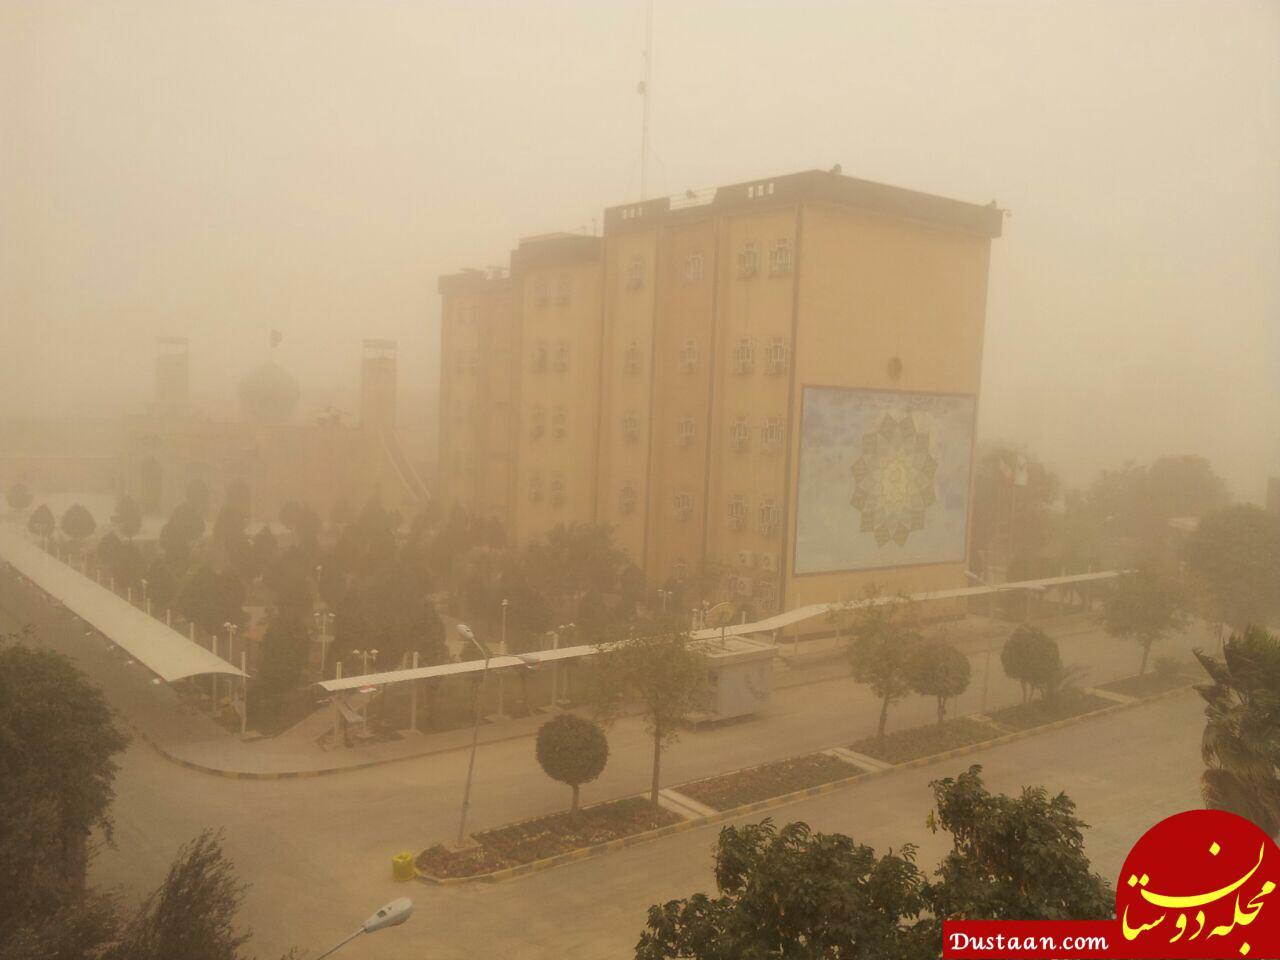 www.dustaan.com اولین باران پاییزی و گرد و غبار خوزستان 86 نفر را راهی بیمارستان کرد